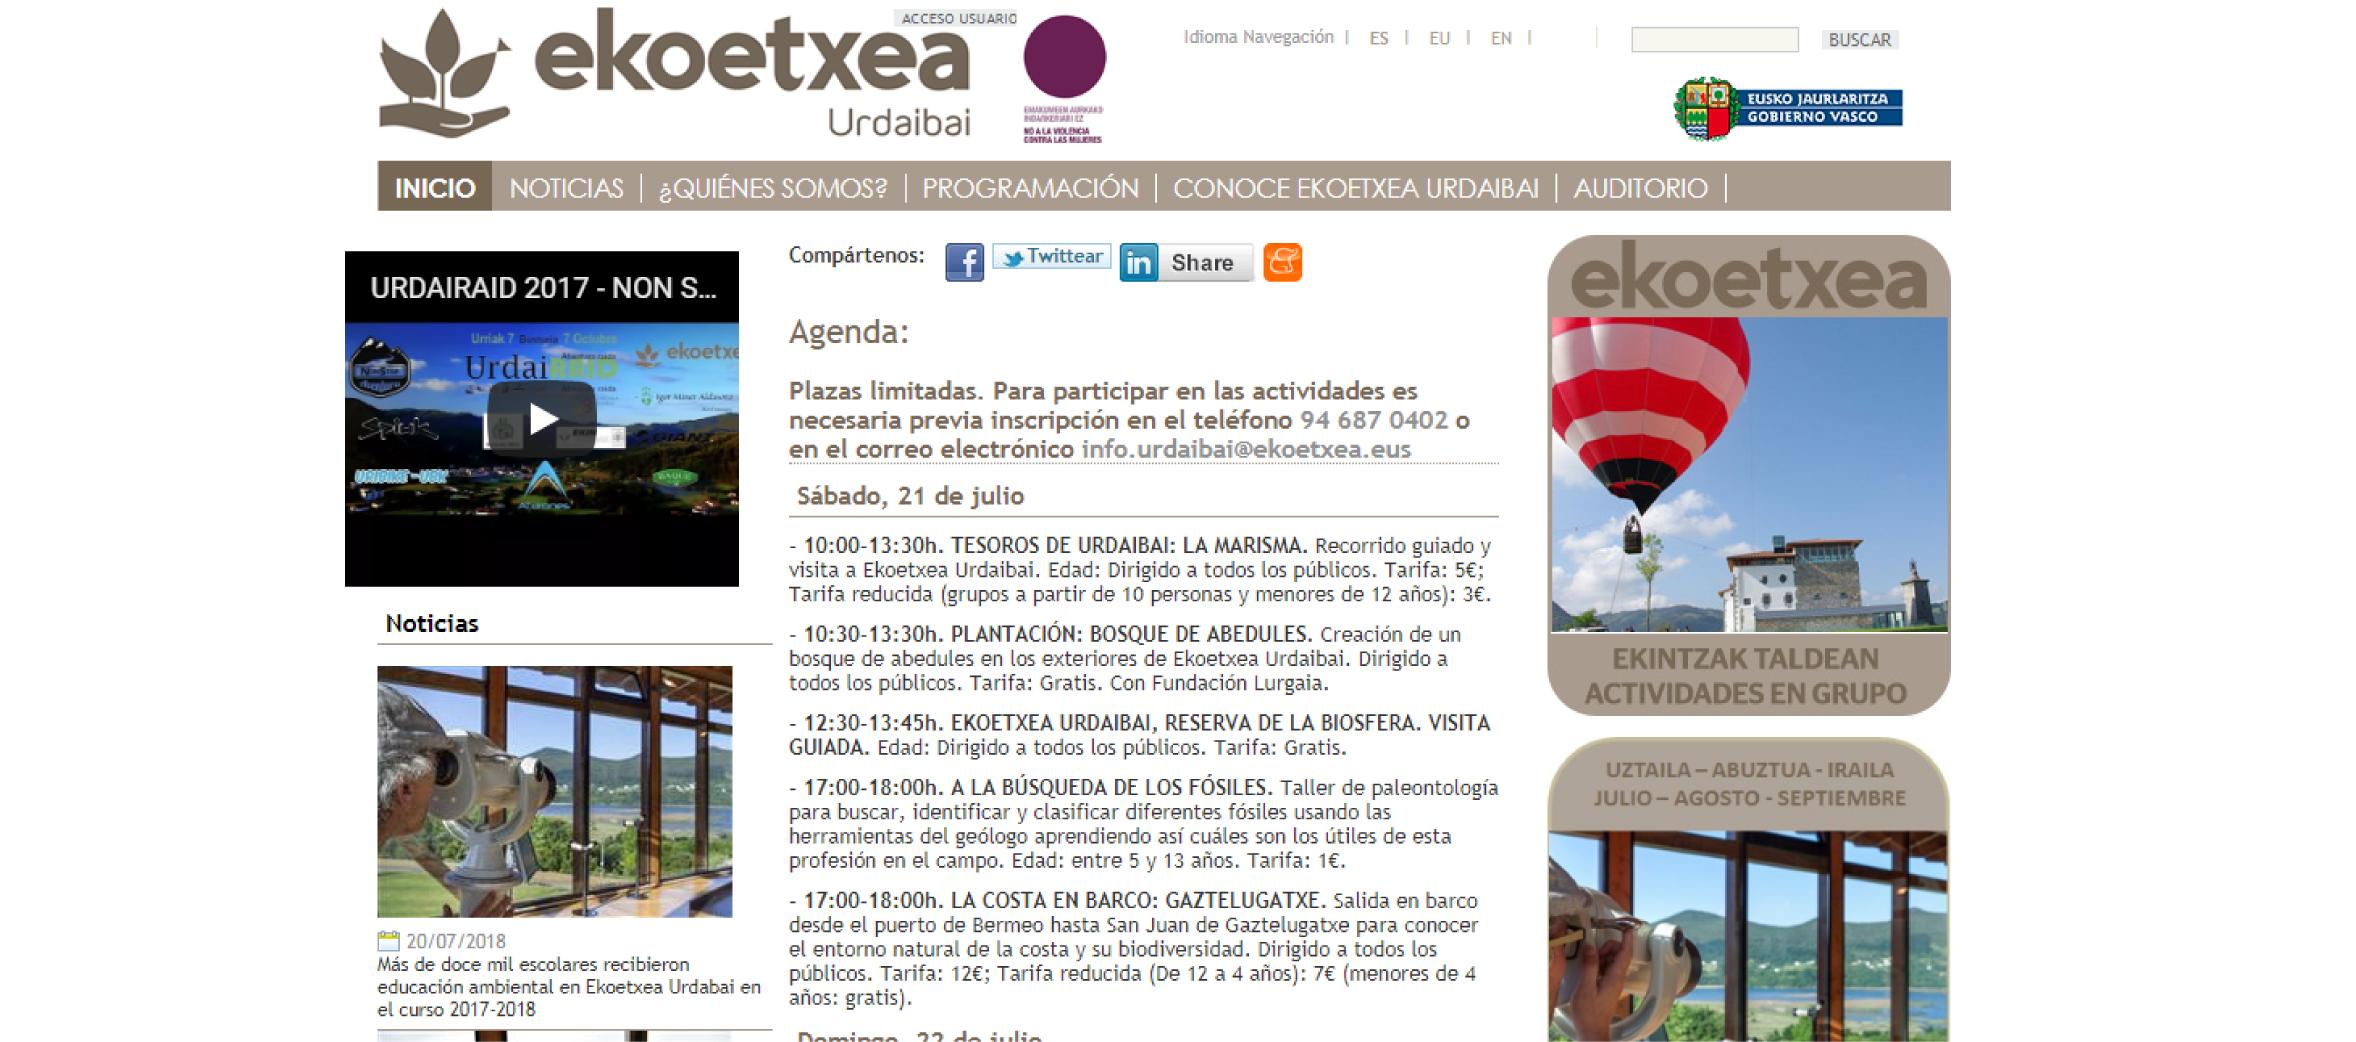 Turismo en Vizcaya - Urdaibai, Reserva de la Biosfera